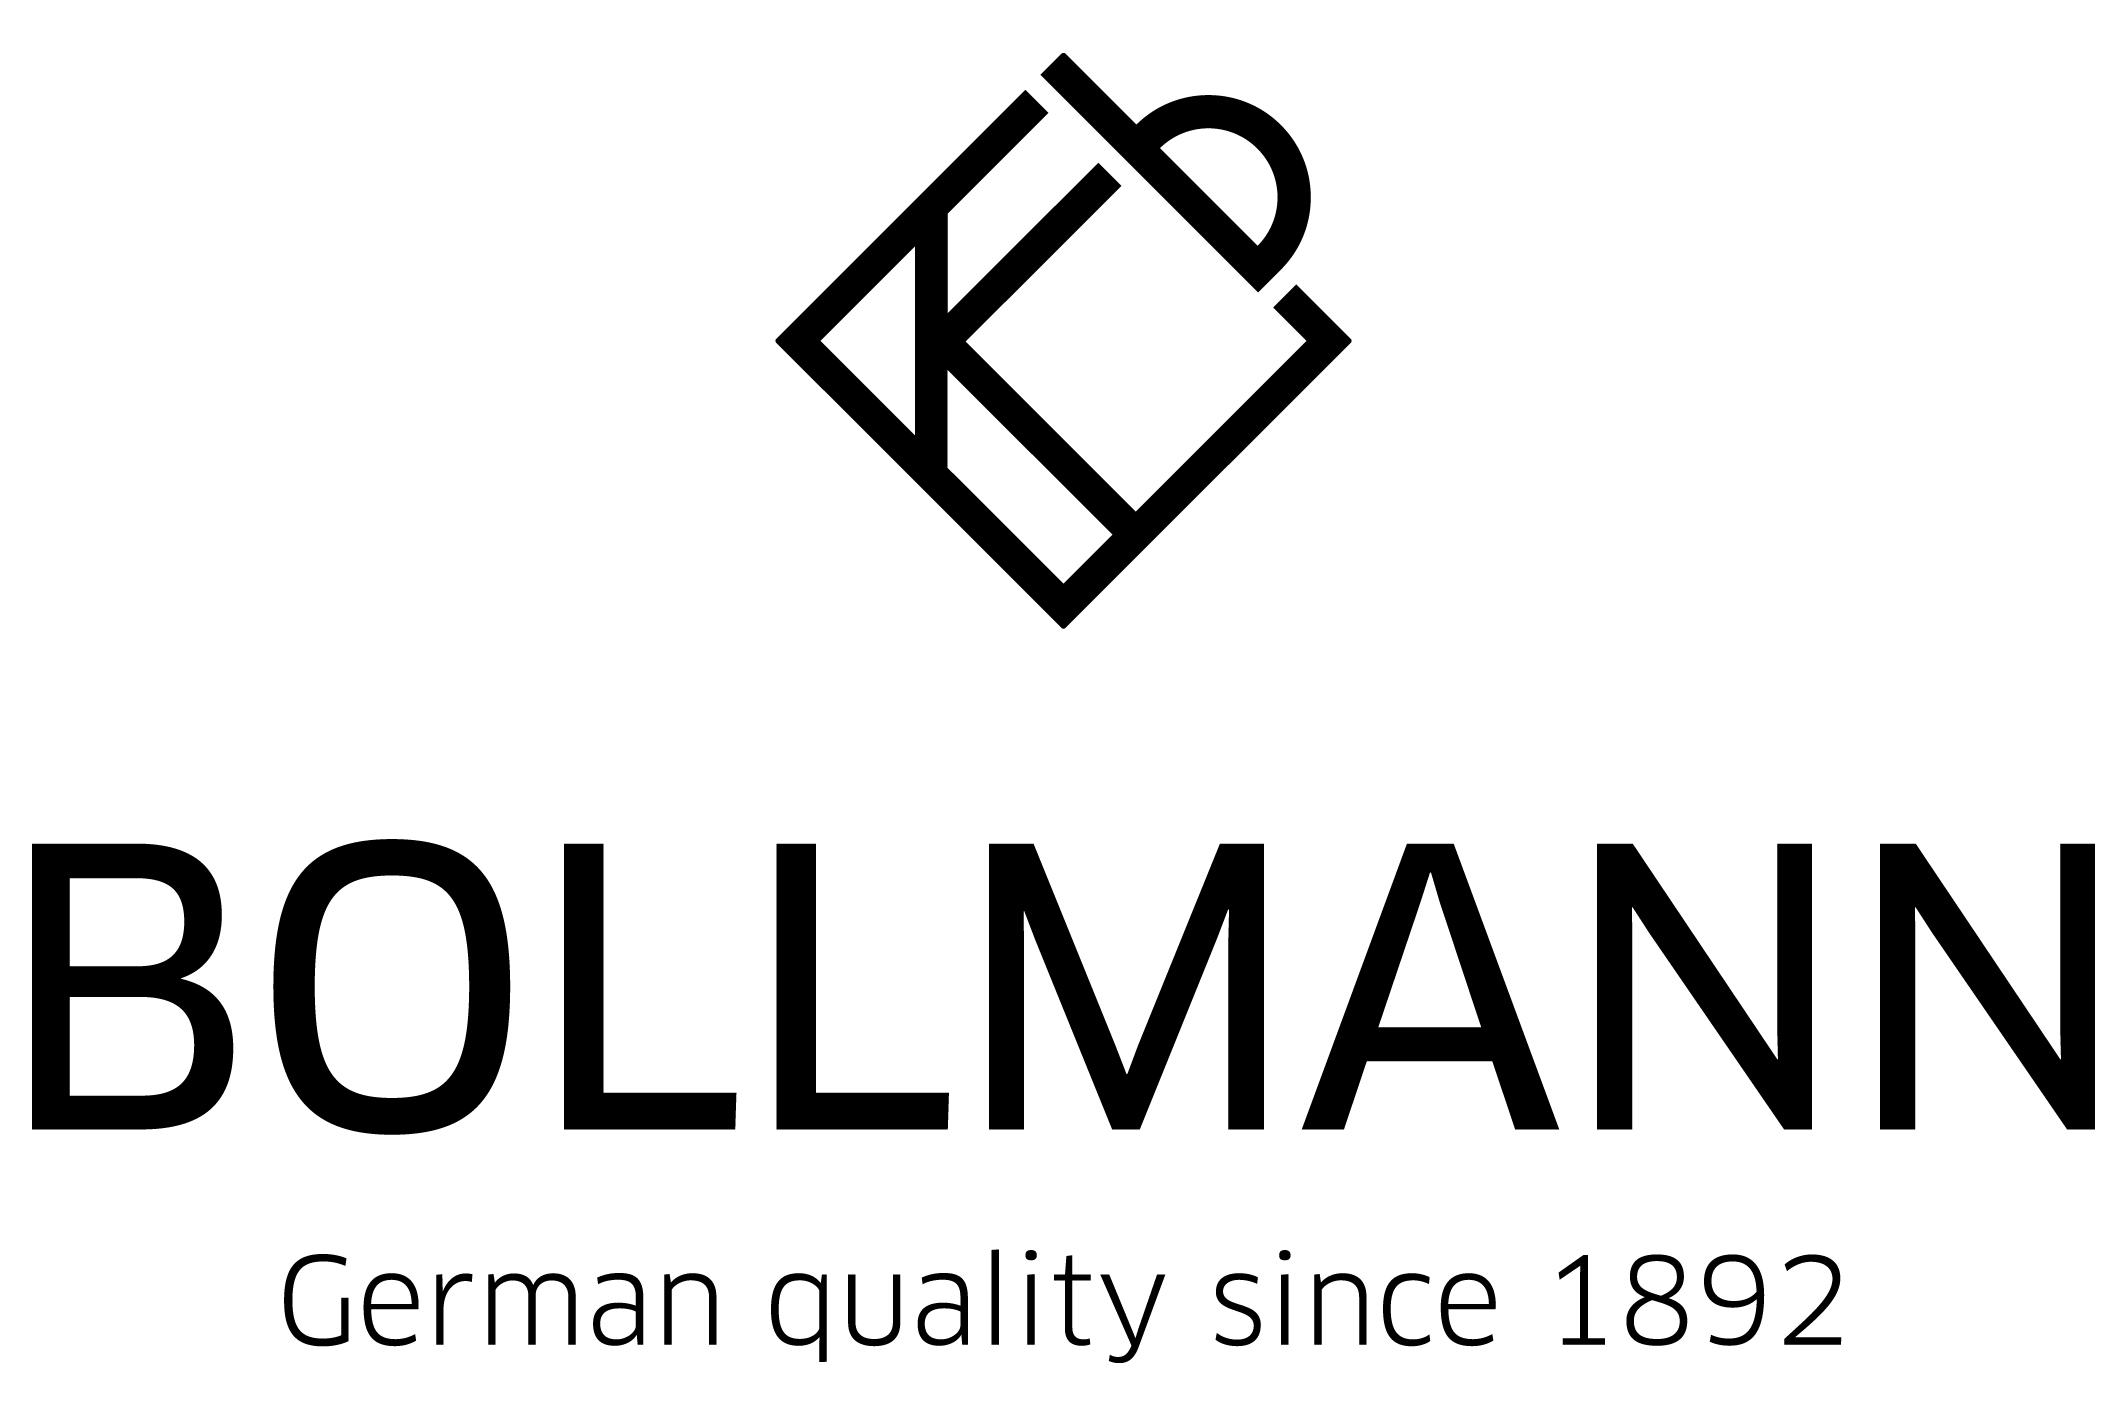 Karl Bollmann GmbH & Co.KG